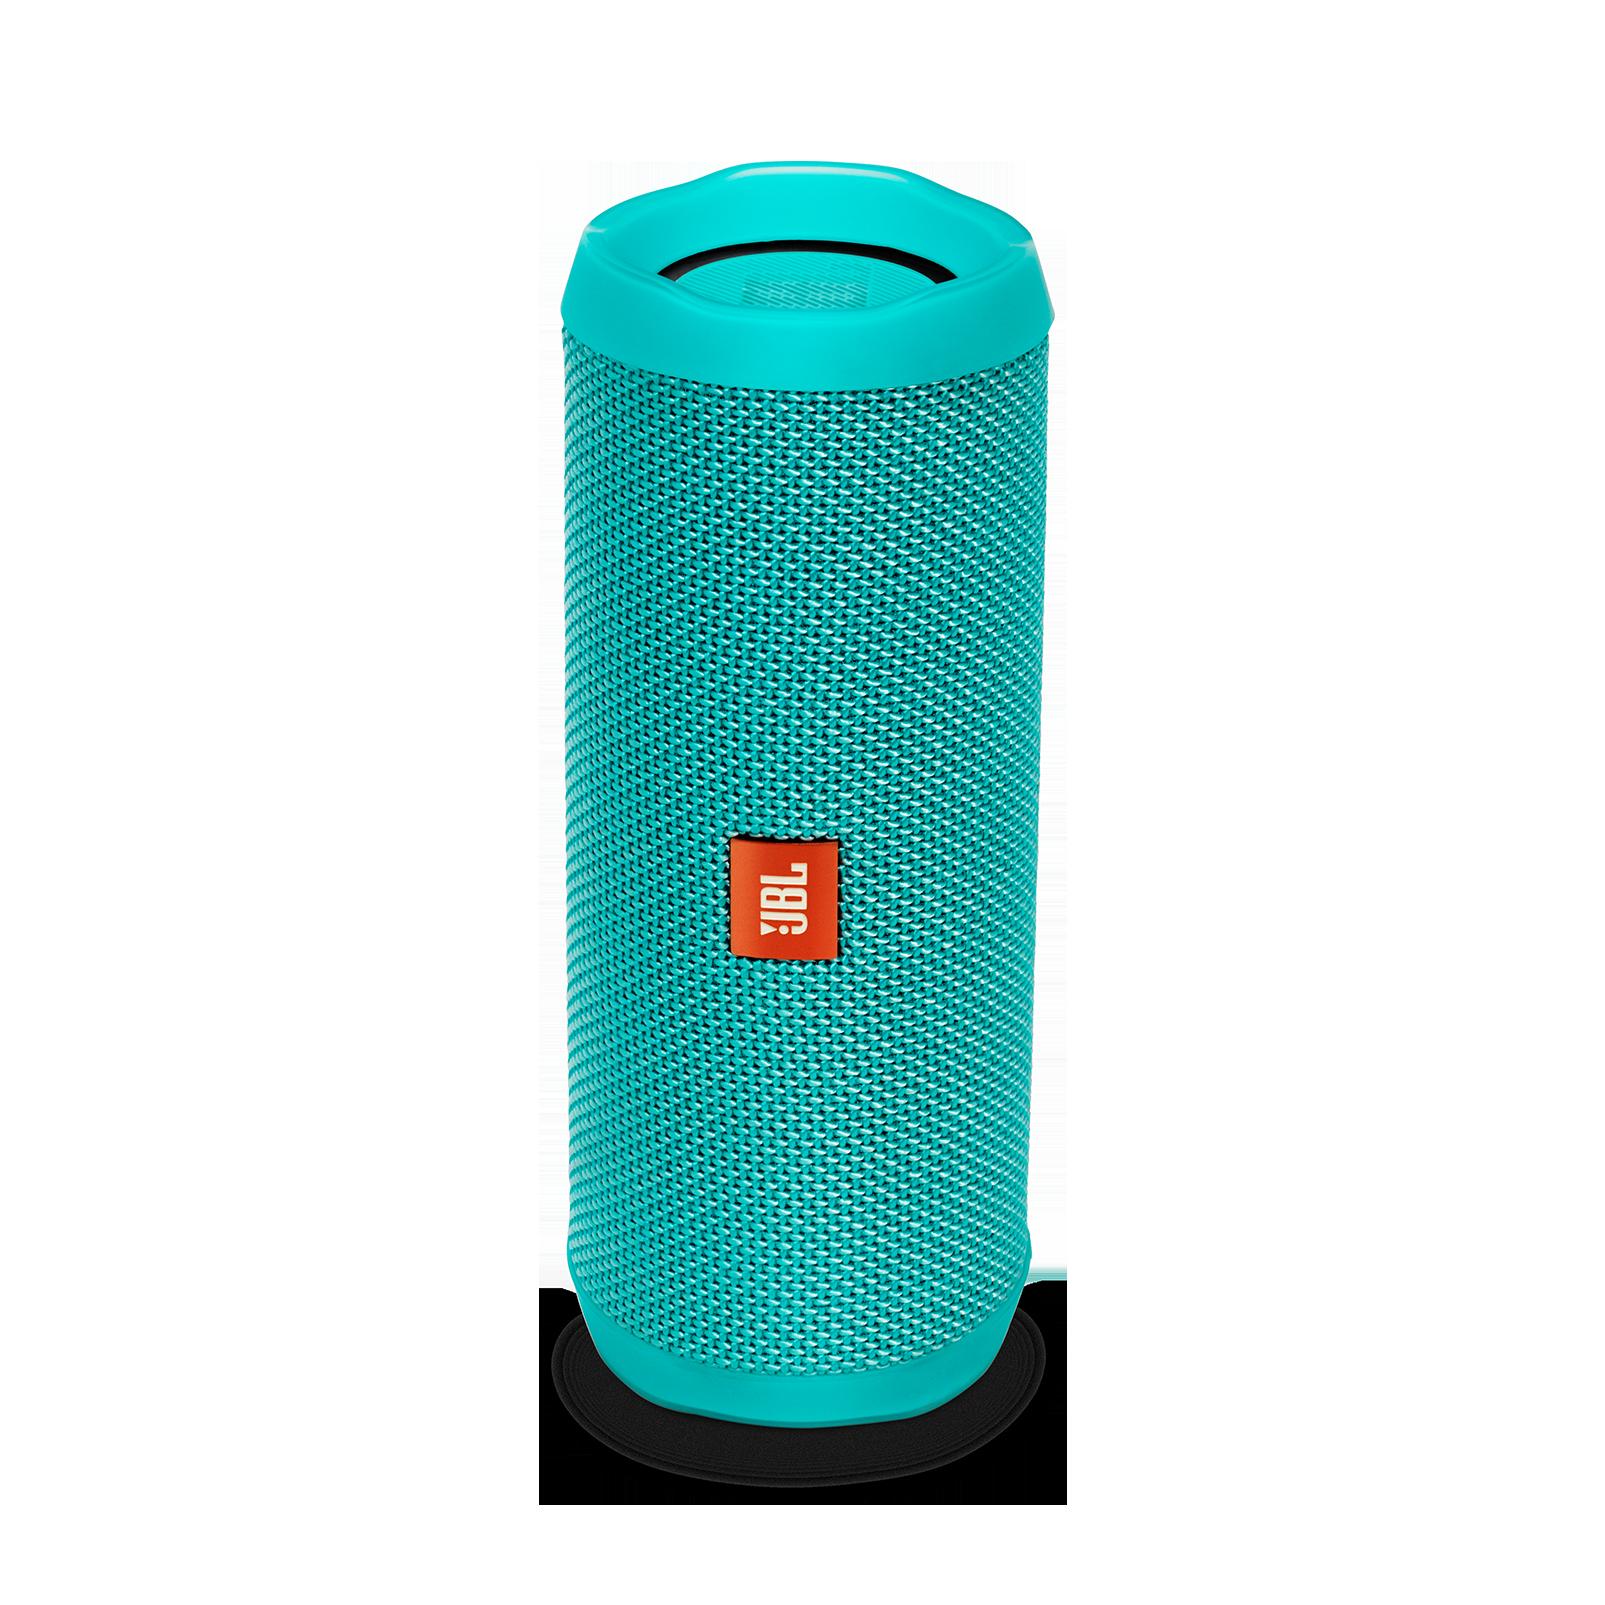 JBL Flip 4, přenosný voděodolný Bluetooth reproduktor - teal